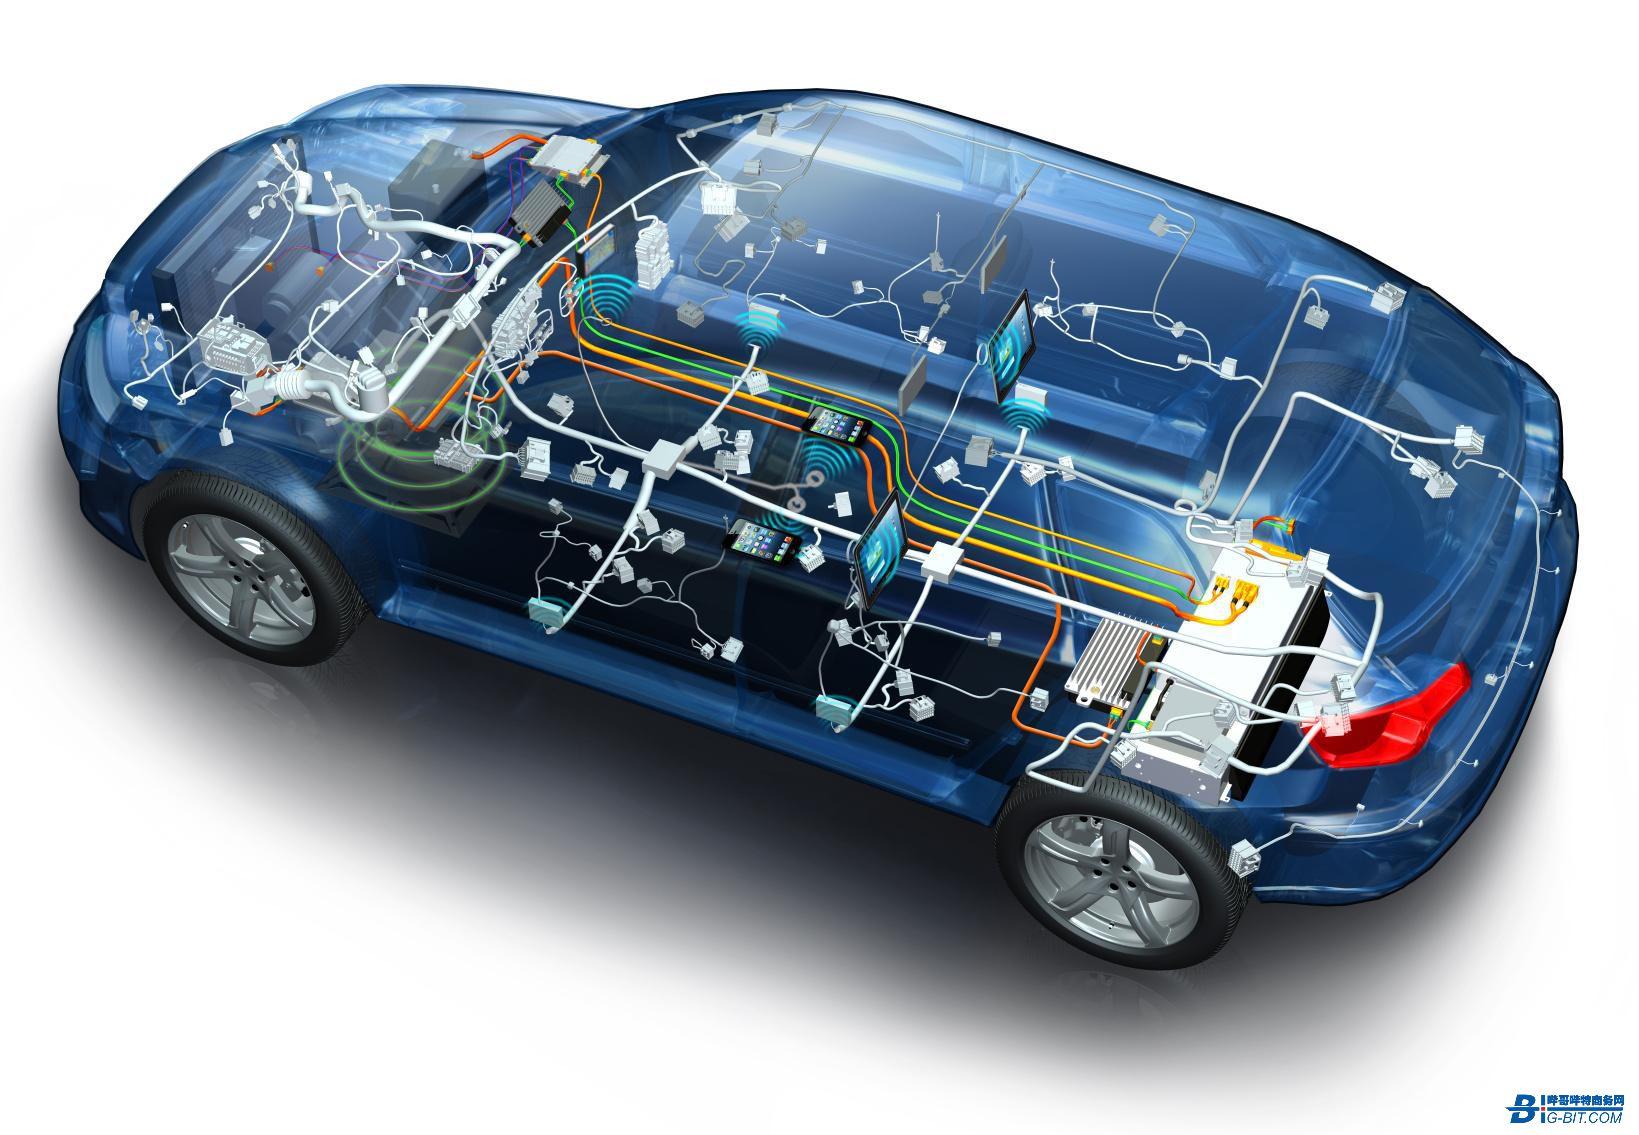 中汽协:预计未来五年中国新能源汽车销量年均增速40%以上